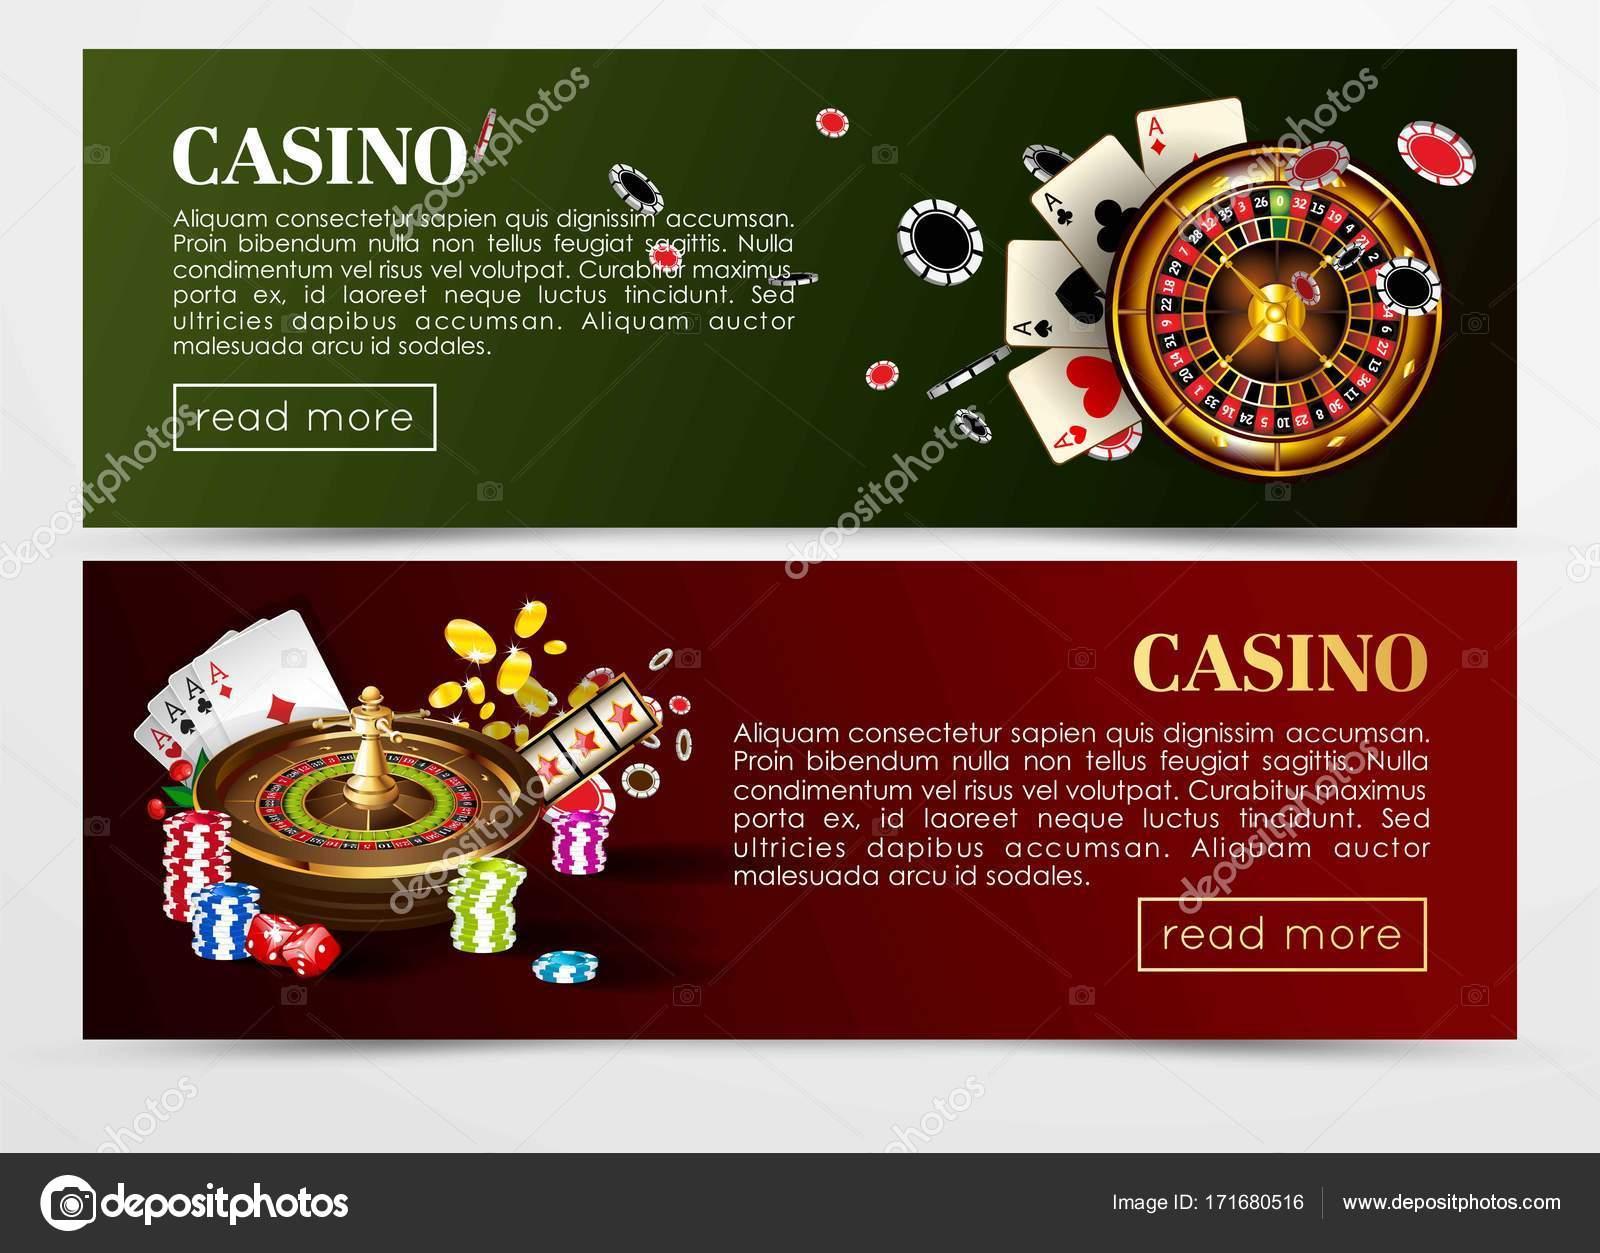 Web de poker casino banners plantillas — Archivo Imágenes ...